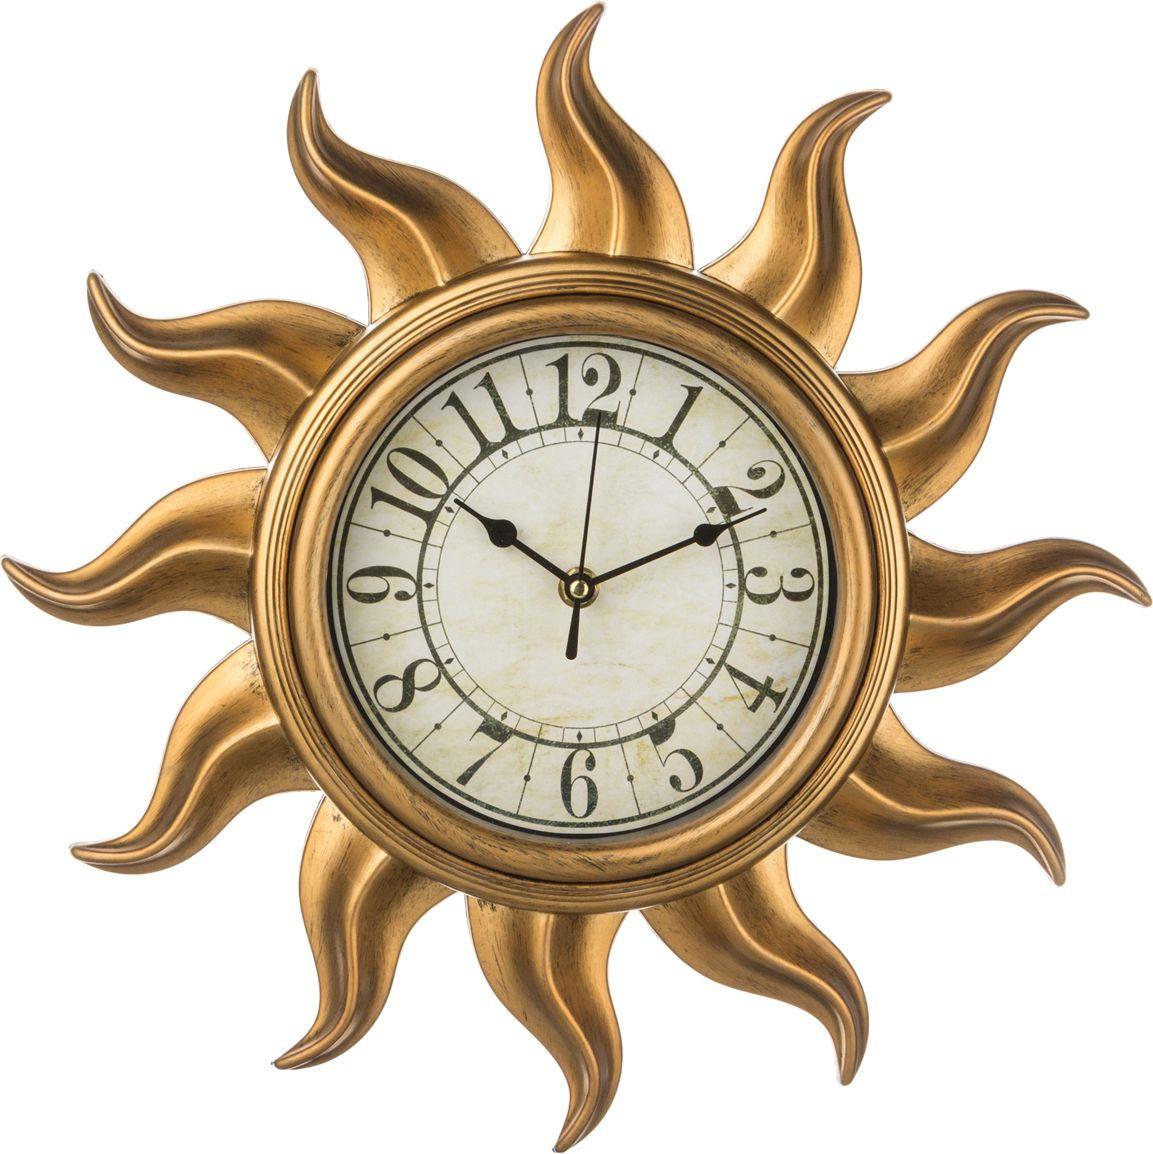 Настенные часы Lefard Swiss Home, 220-182, 38 х 38 х 5 см часы настенные arte nuevo sweet home 21 5 см